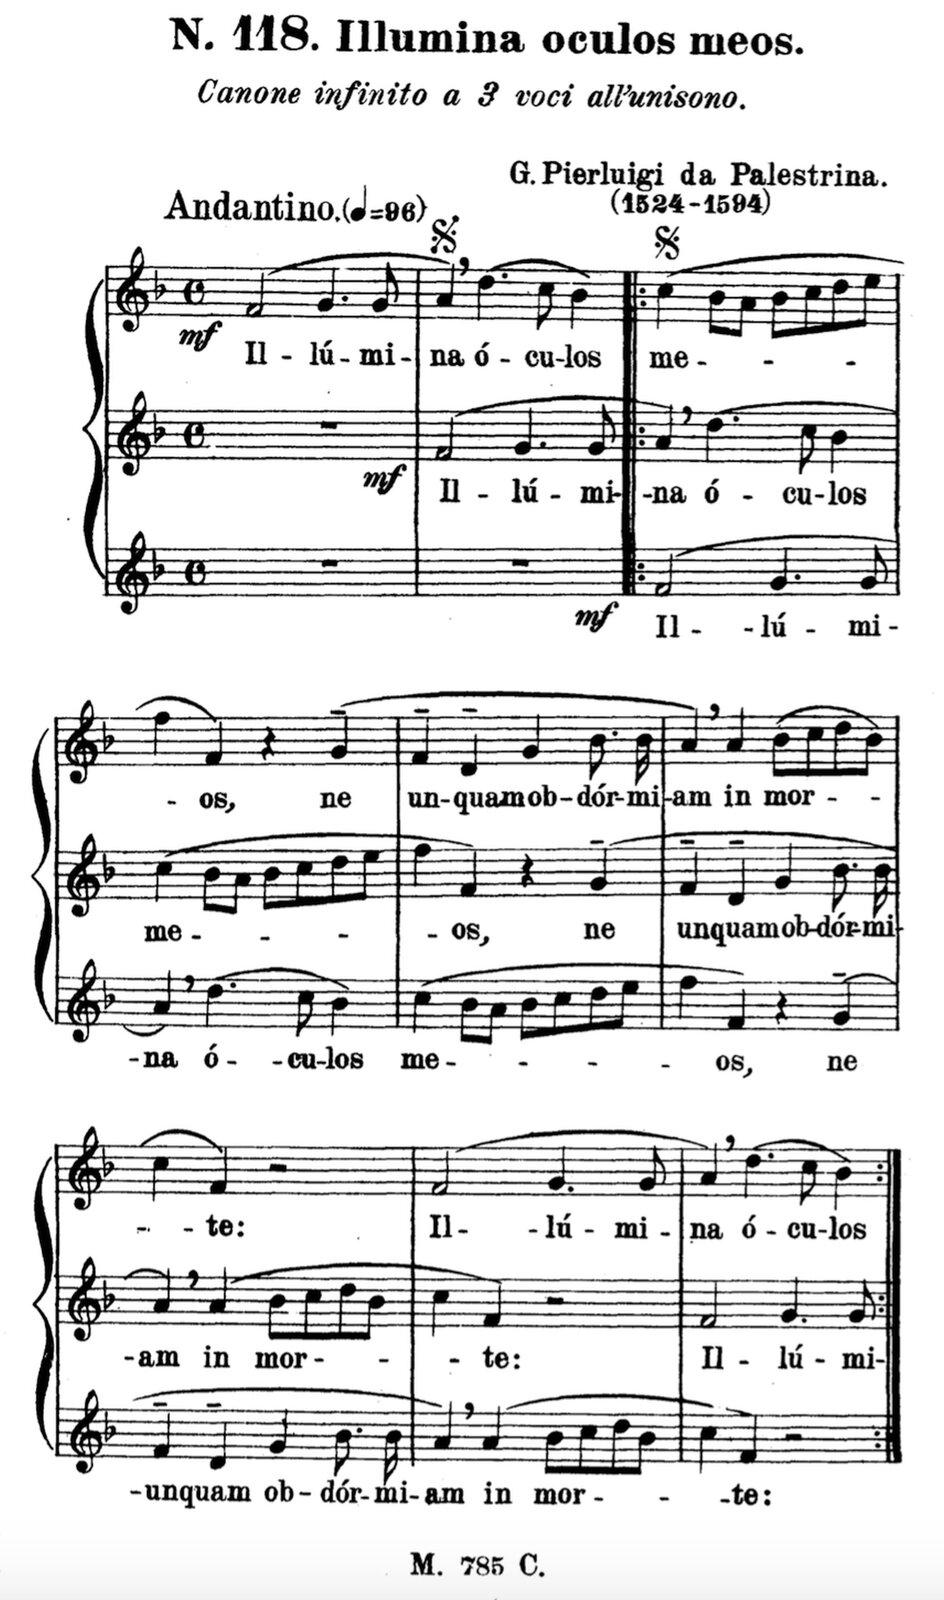 """Ilustracja przedstawia zapis nut utworu kanon """"Illumina oculos meos"""", autorstwa: Giovanni Pierluigi da Palestrina."""